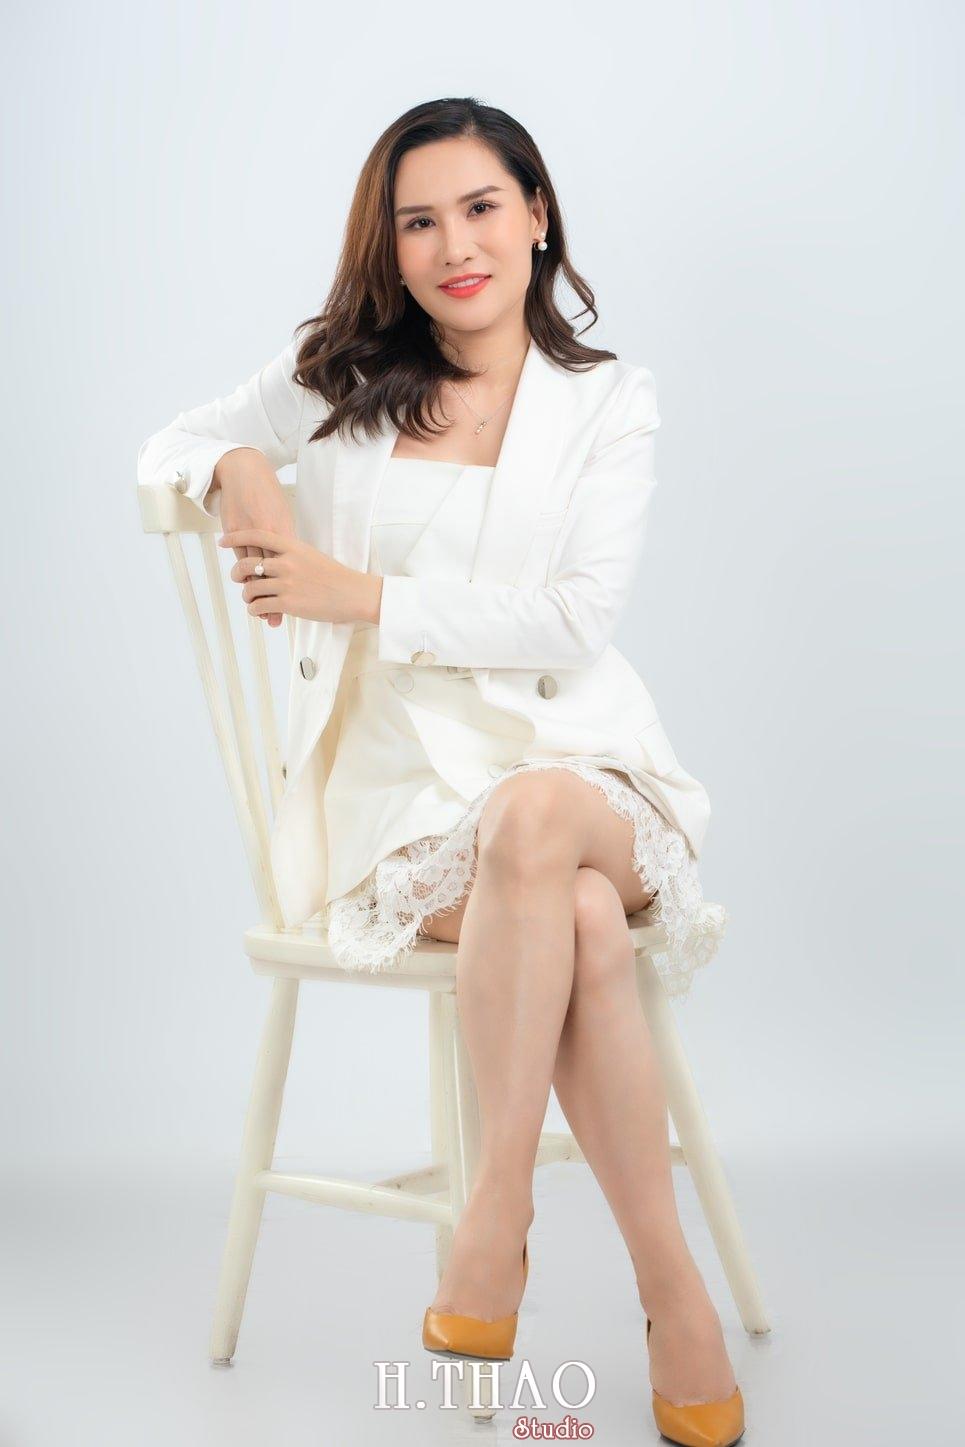 Doanh nhan nu 10 - Ảnh nữ doanh nhân bất động sản, phó TGĐ Express Ms.Nho – HThao Studio